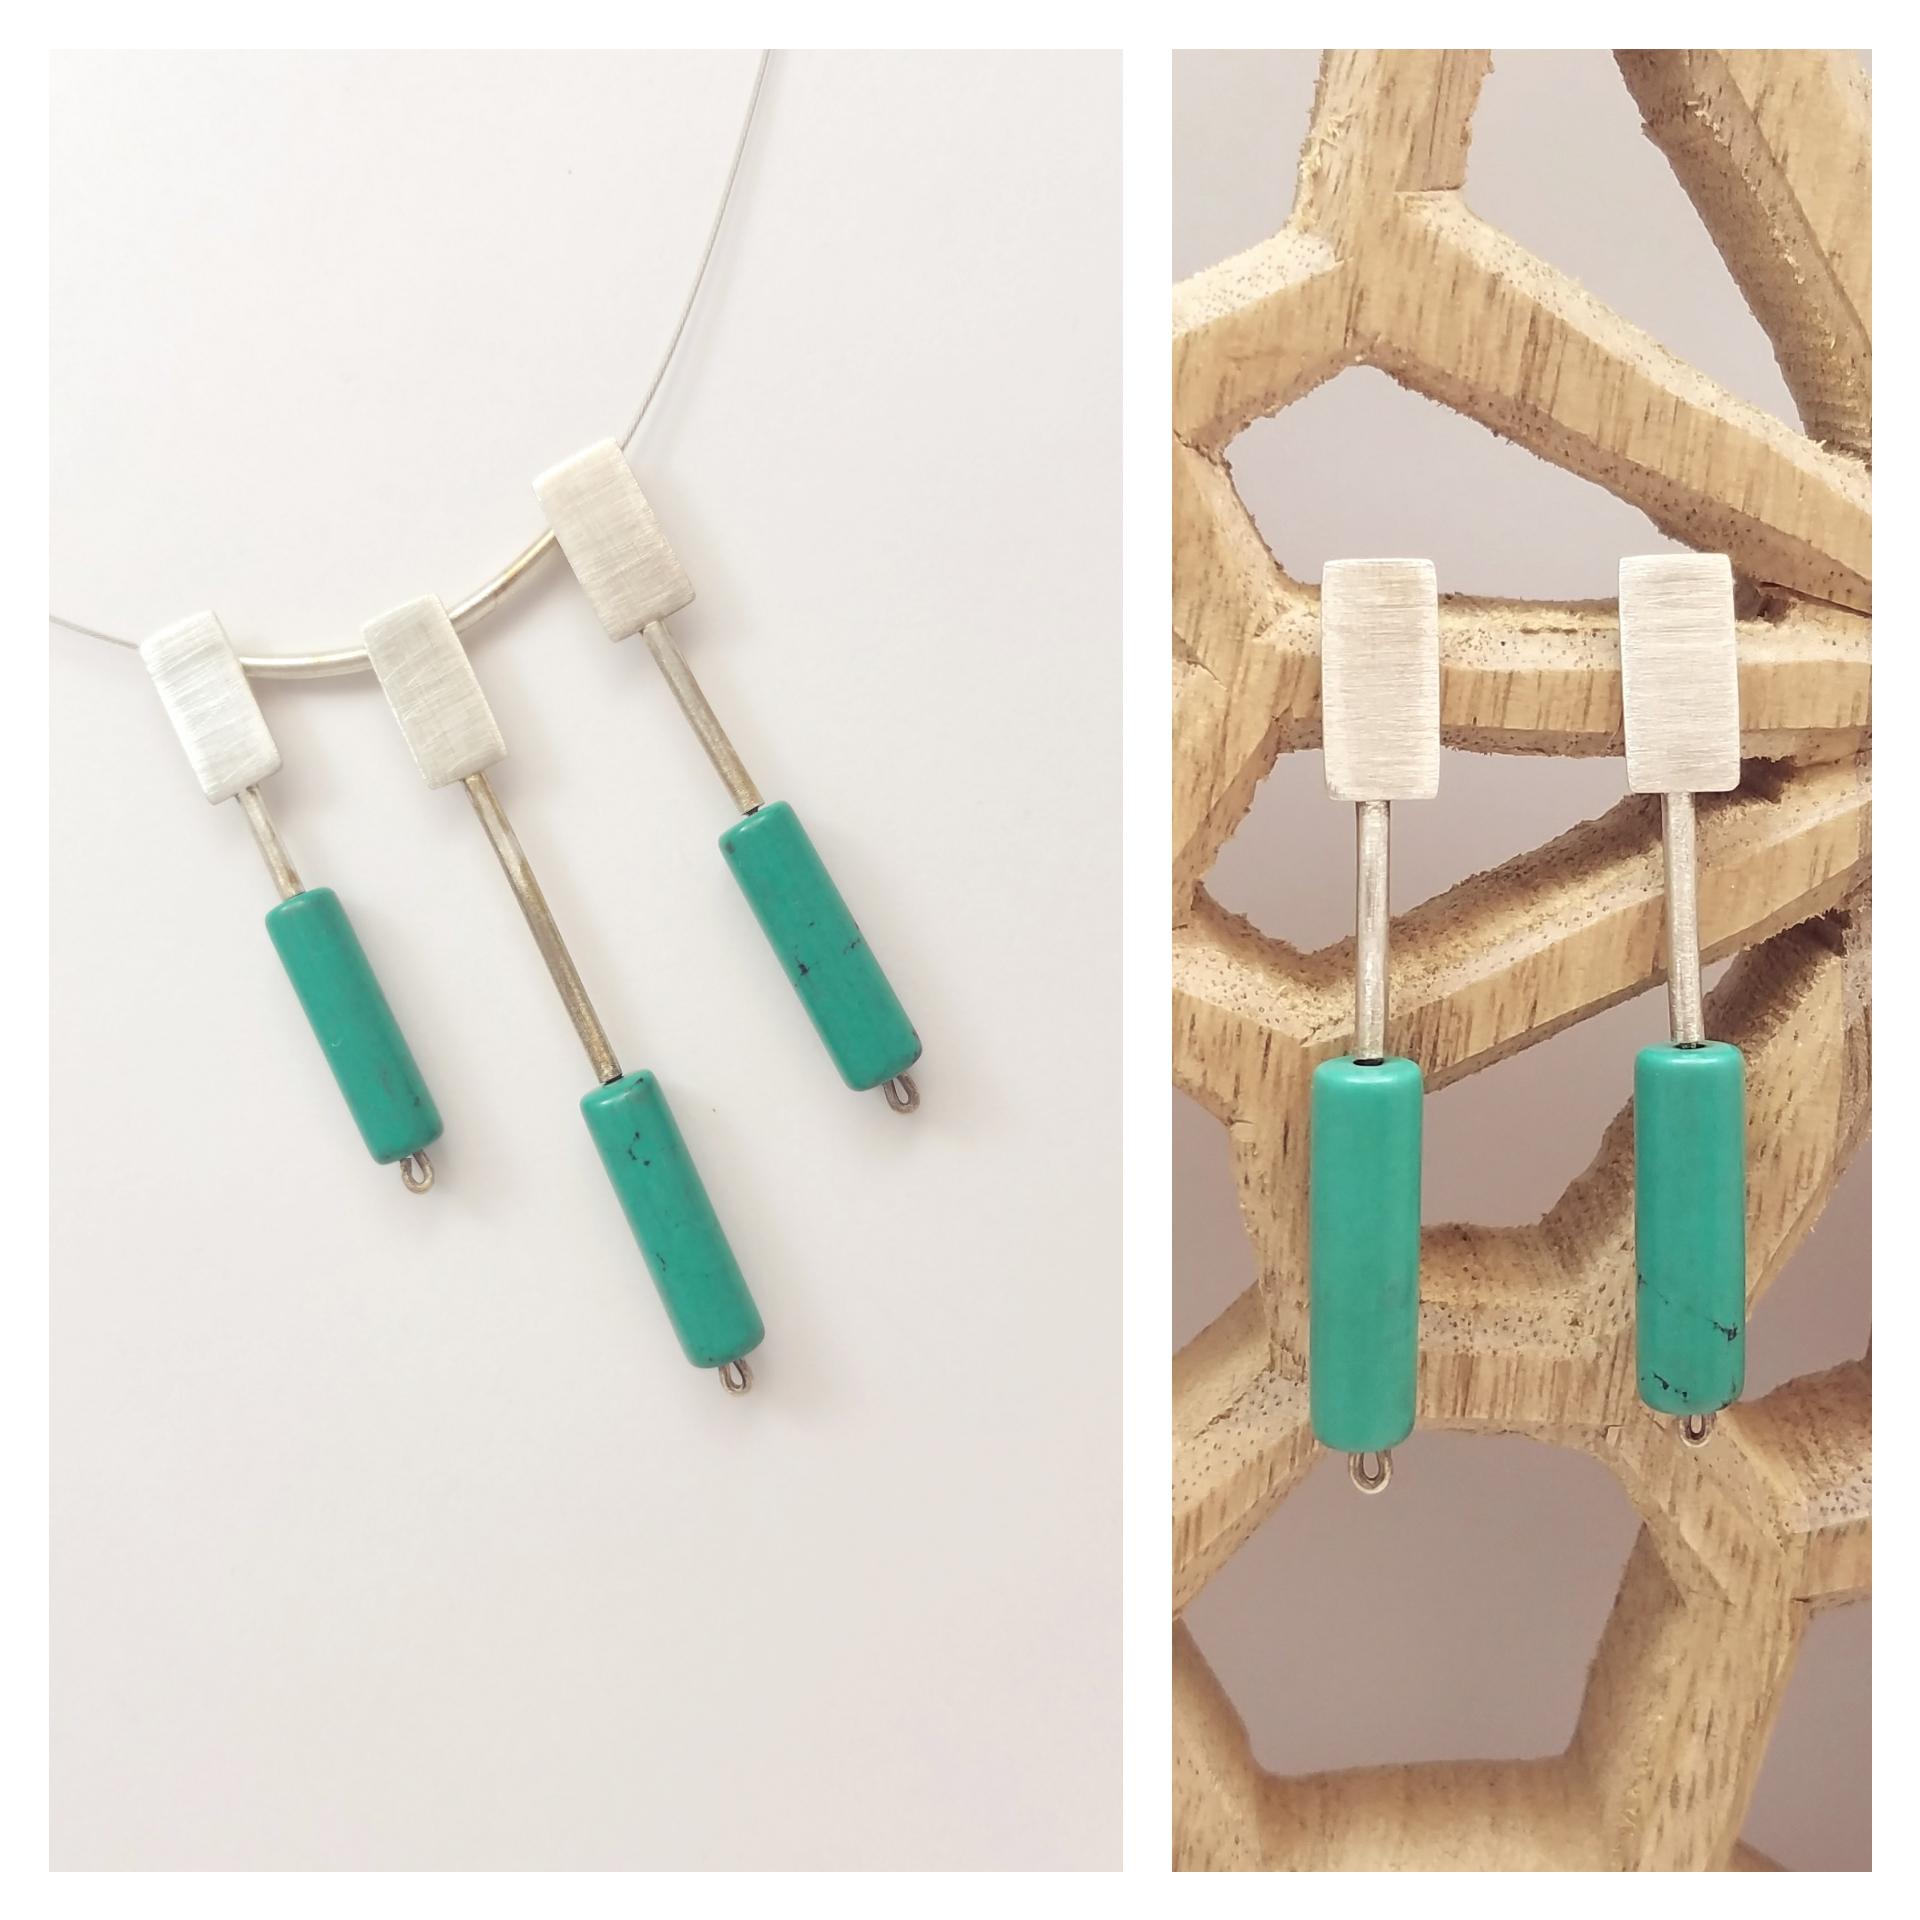 inCollage_20180301_171120304 - Güe Handmade Jewelry.jpg